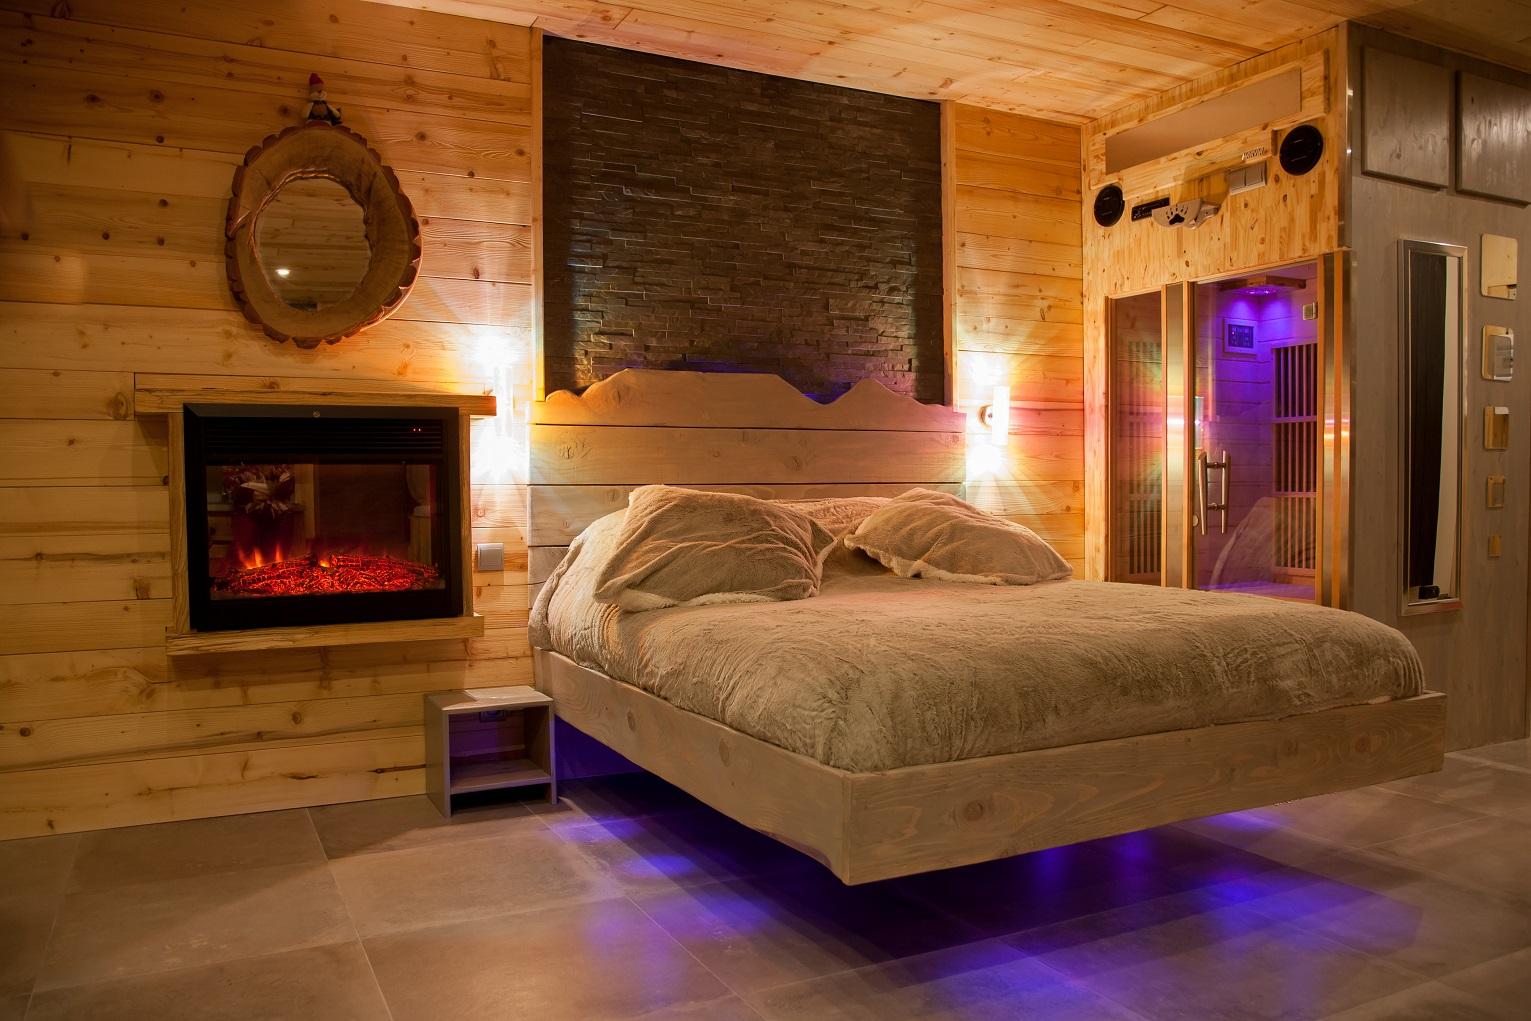 Suite spa ski avec sauna et jacuzzi nuit d 39 amour - Chambre d hote pour amoureux ...